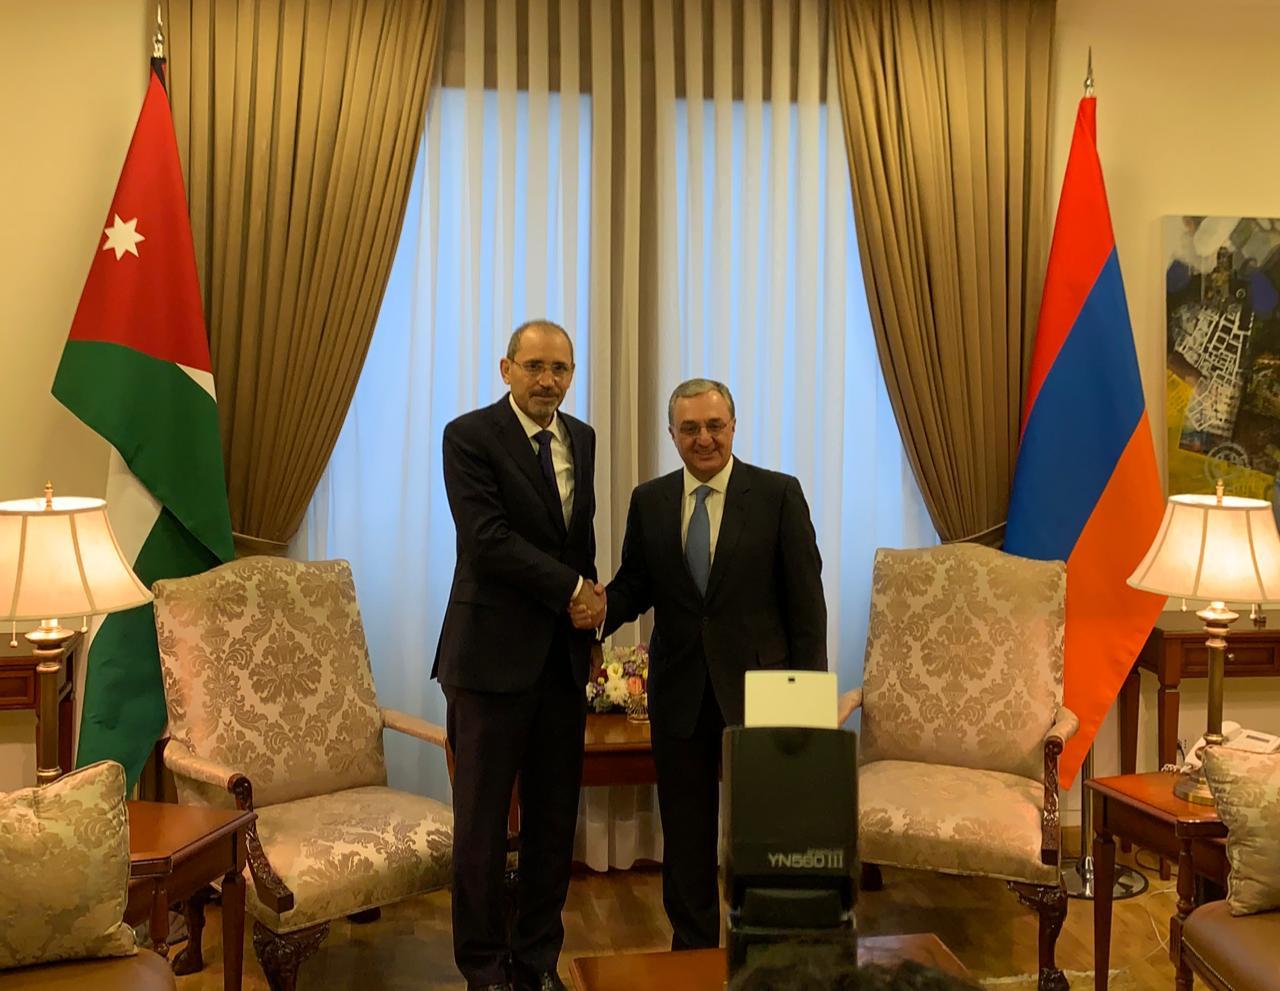 الصفدي يجري محادثات في ارمينيا لتعزيز التعاون الثنائي